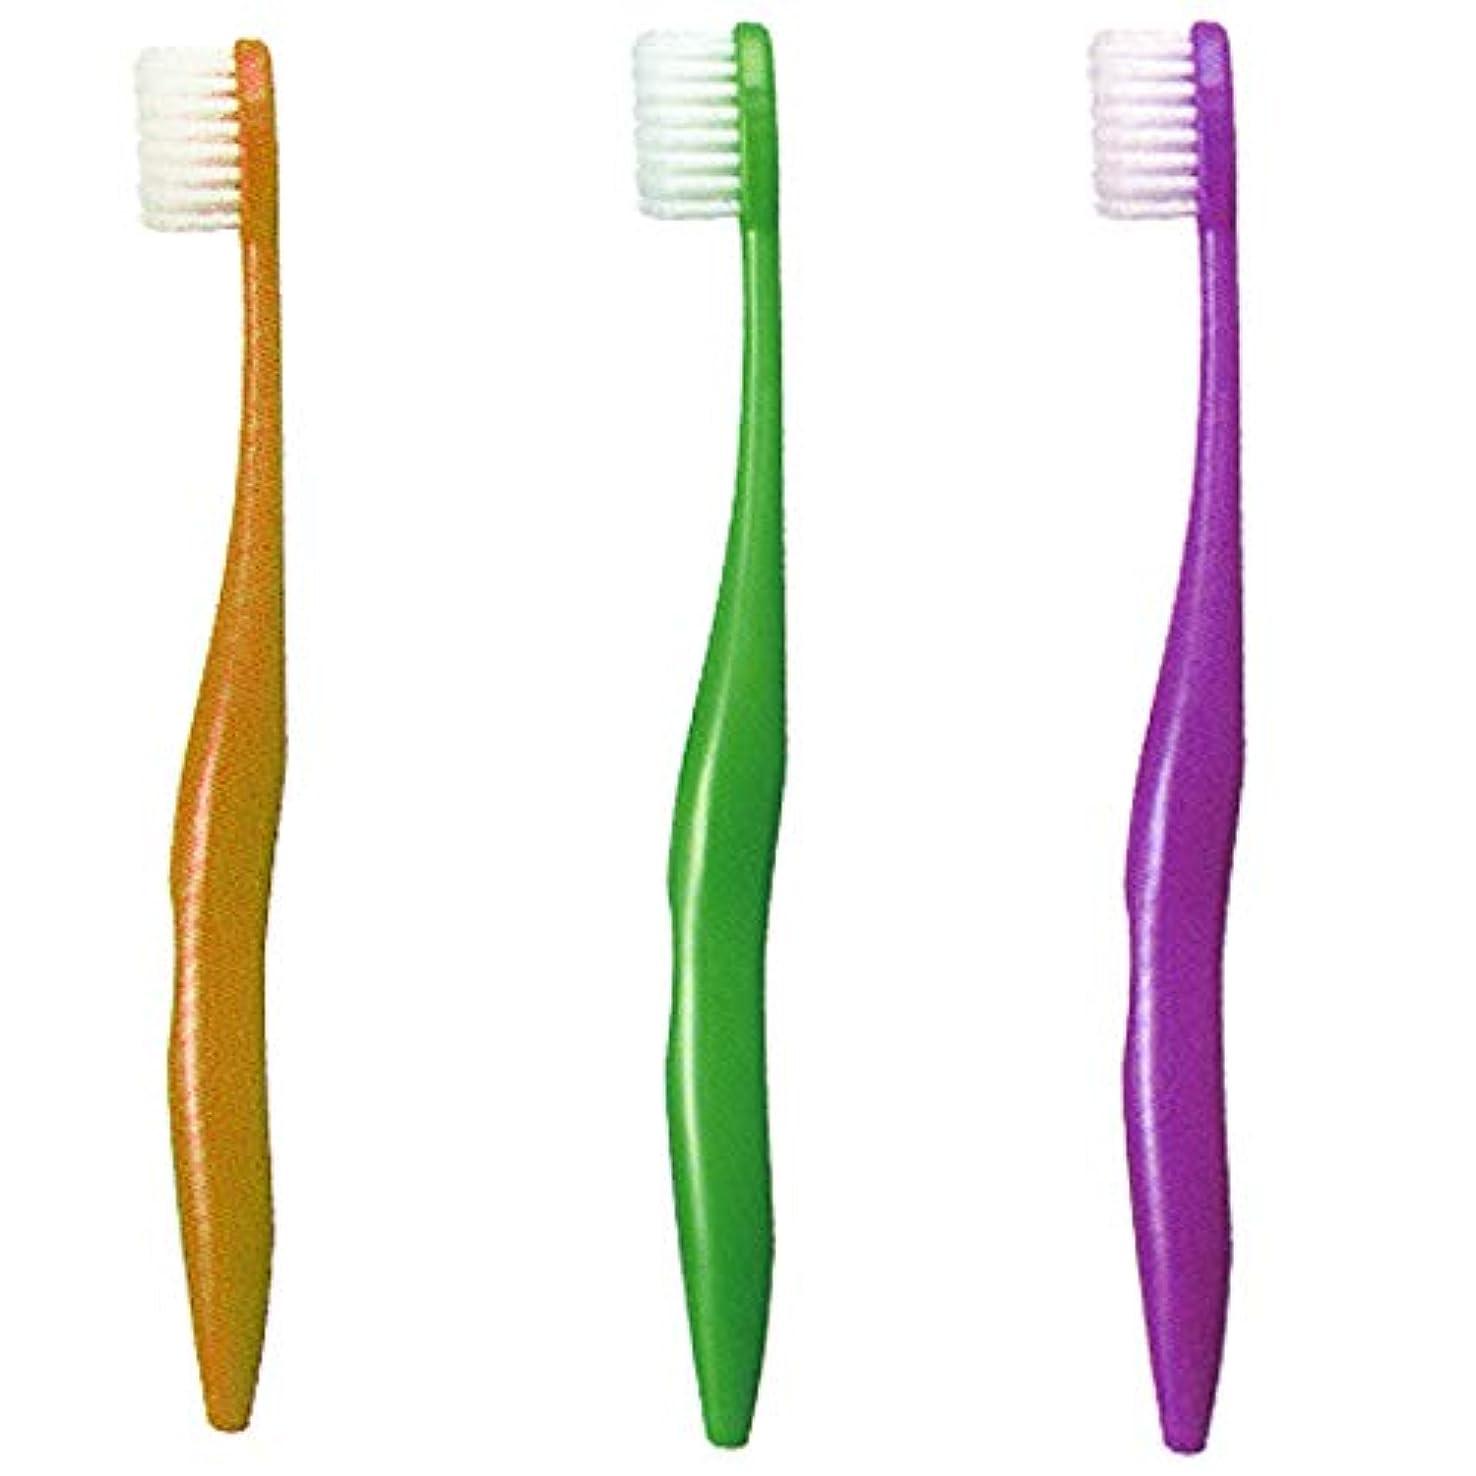 害虫長さヘロイン日本製 歯ブラシ ライカブル ミニ 5本【ライカブル】